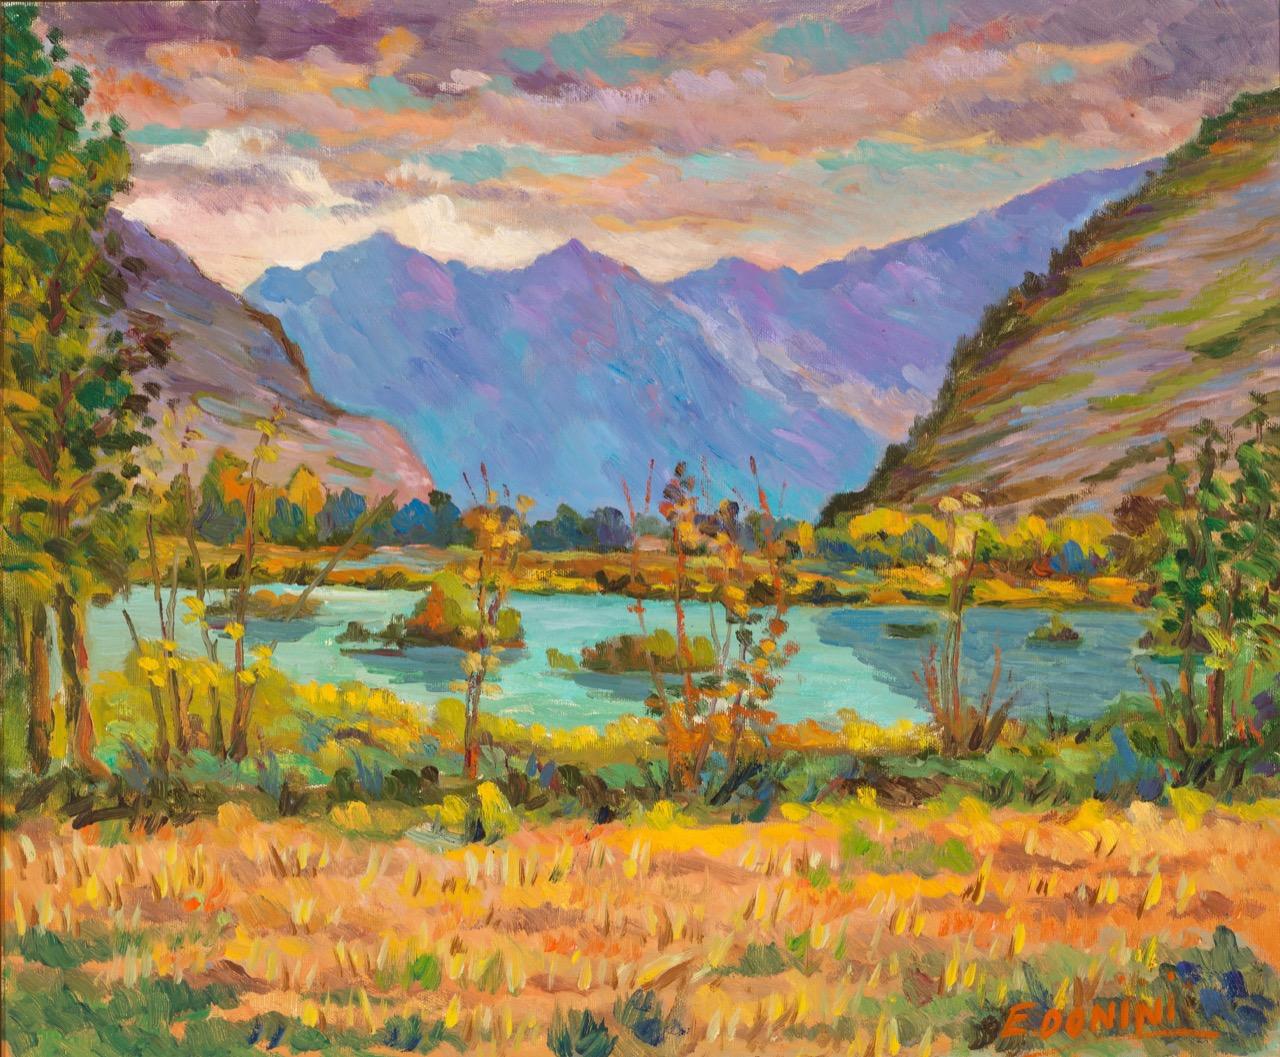 Le Torbiere, anni '80, olio su tela, 50x60 cm